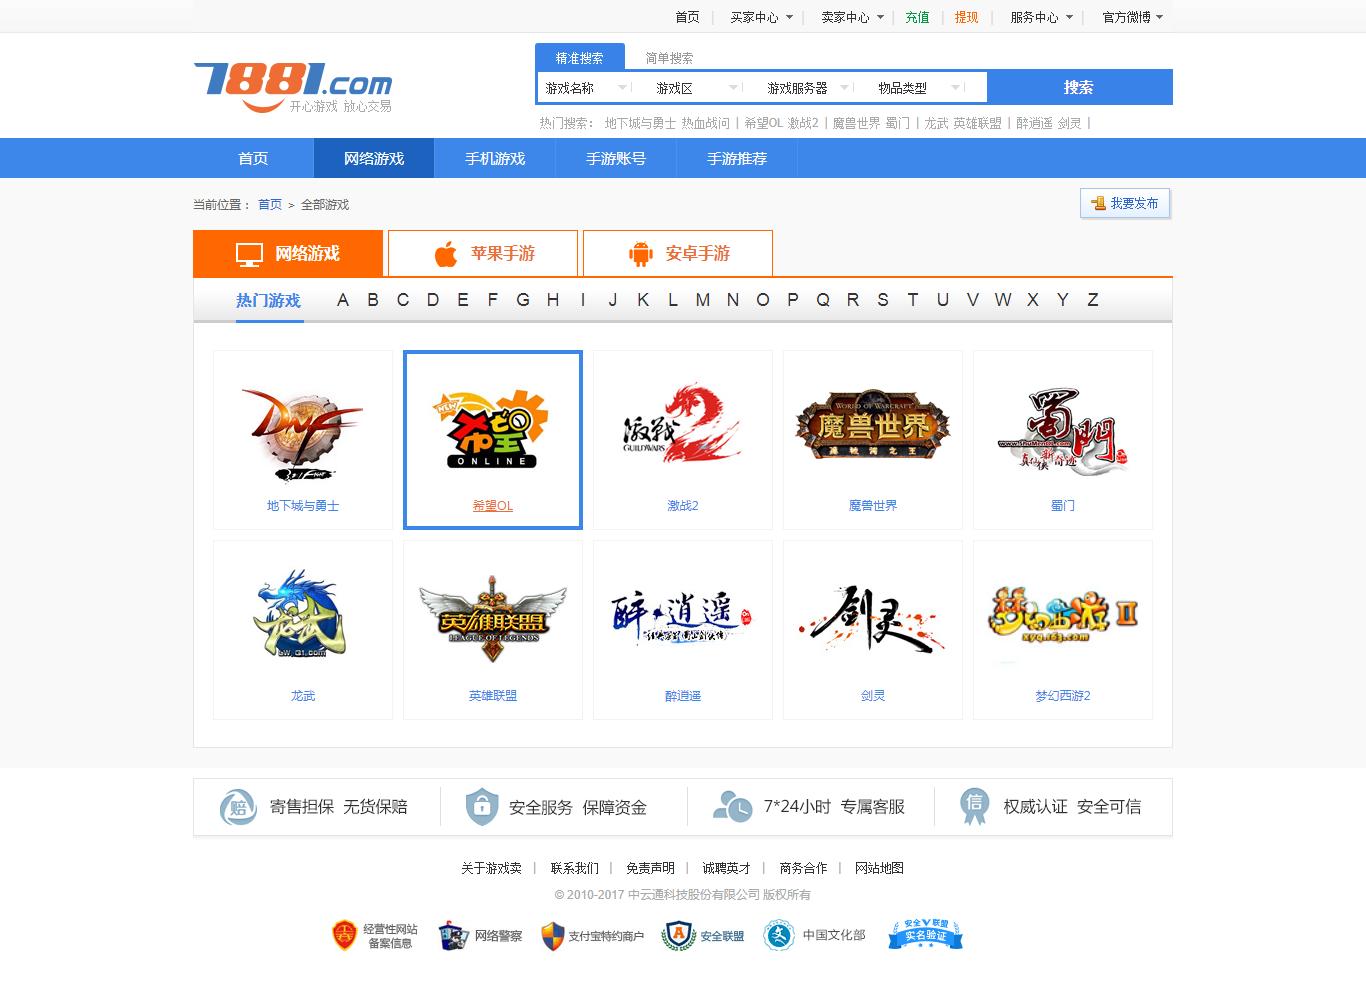 亲测源码 价值八千元仿7881游戏装备网源码修复版下载 可做虚拟点卡和网站源码下载网